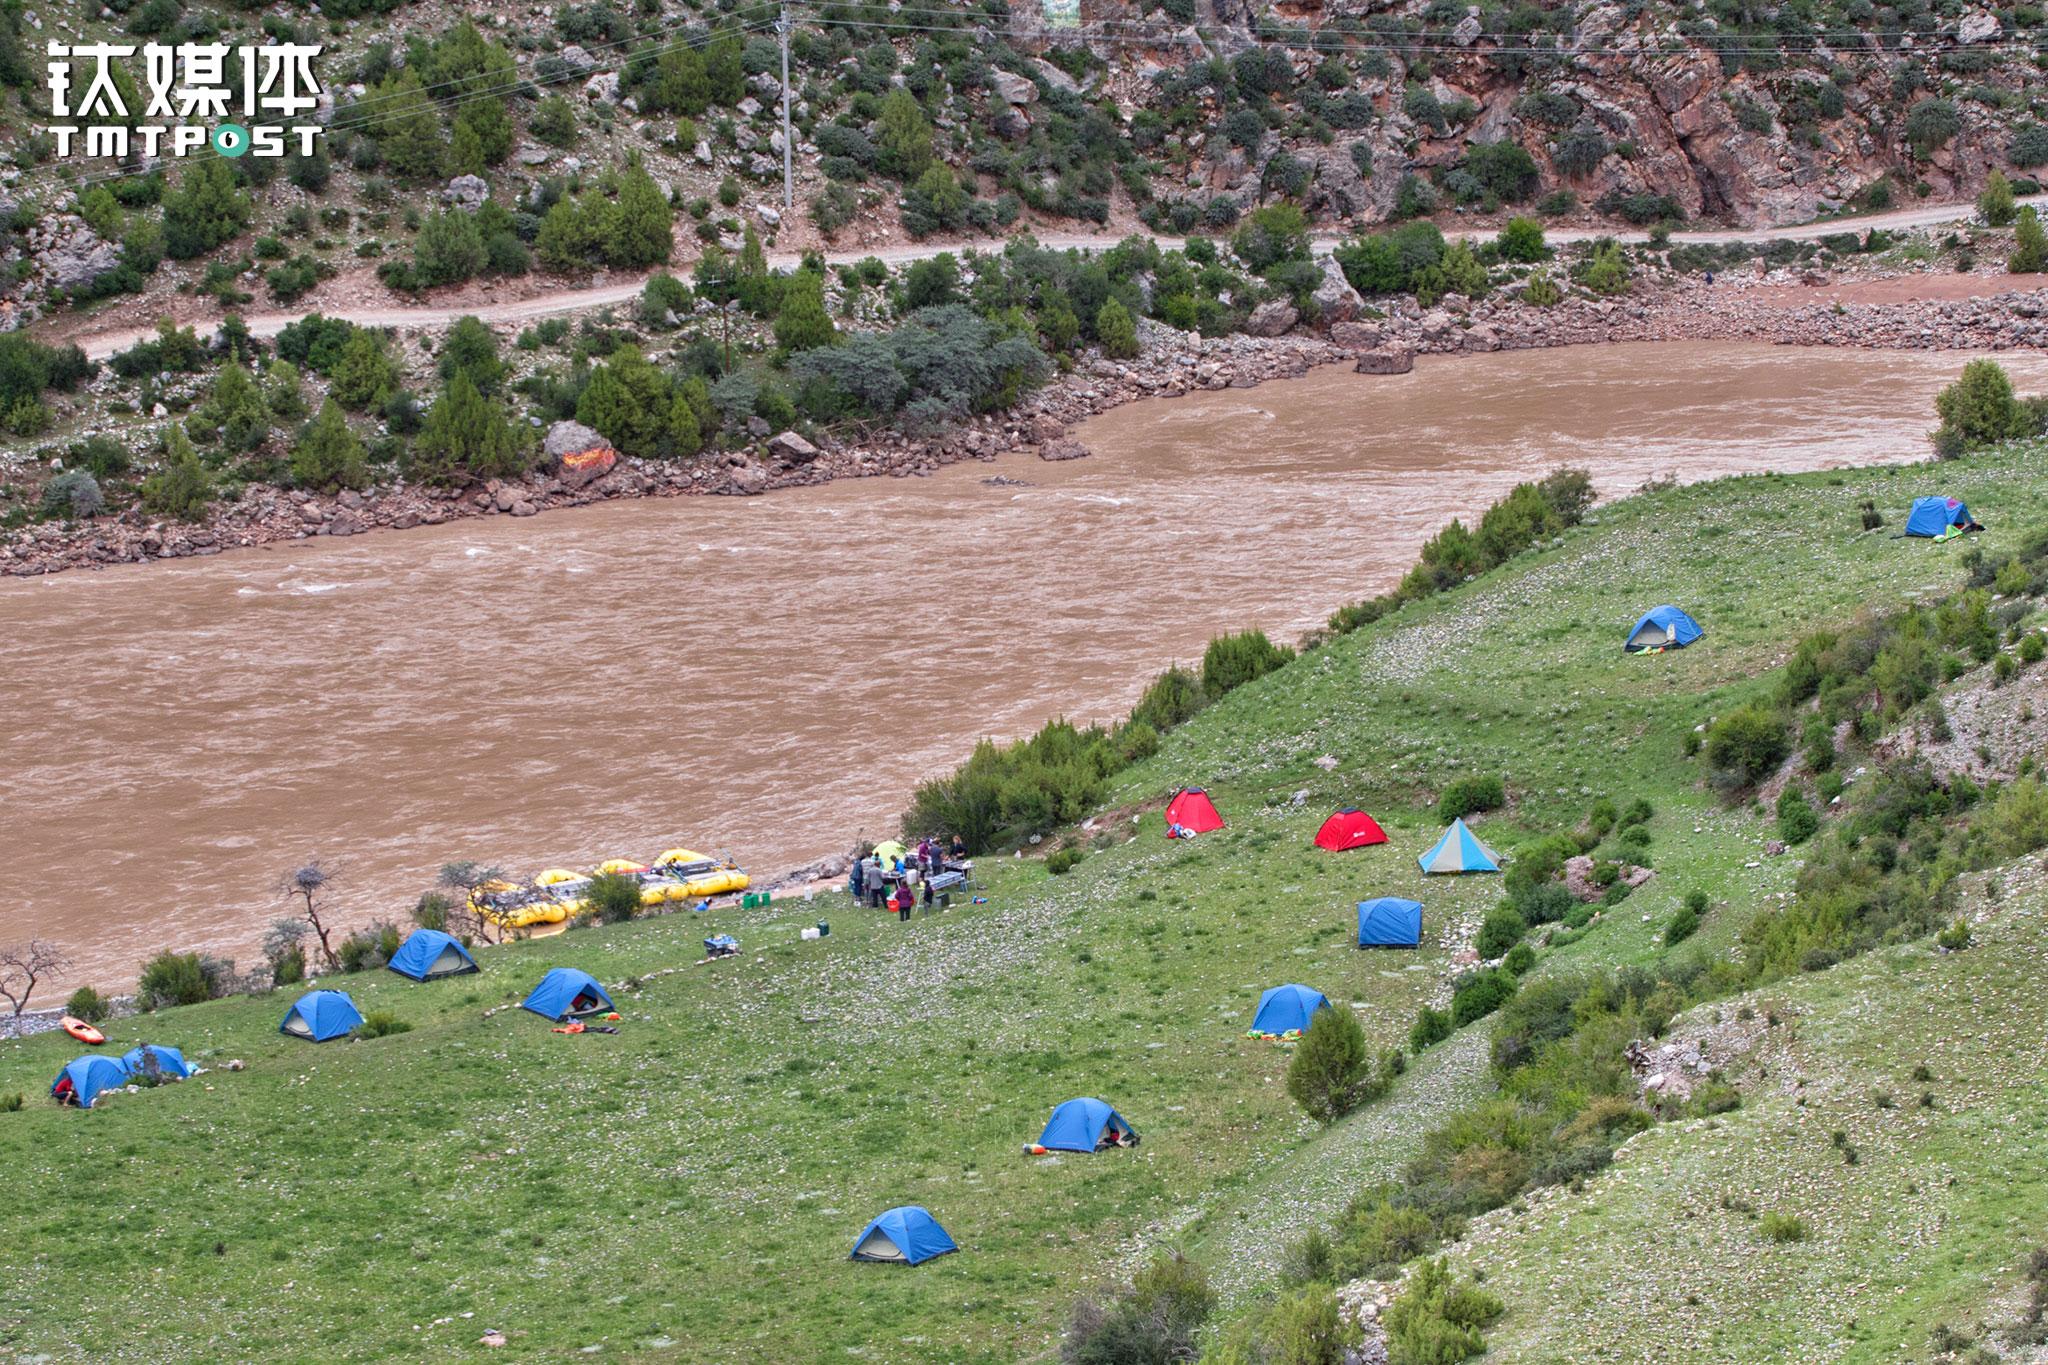 每天到达营地,客人们都有非常充裕的时间扎营、整理,以及在营地附近徒步探索。